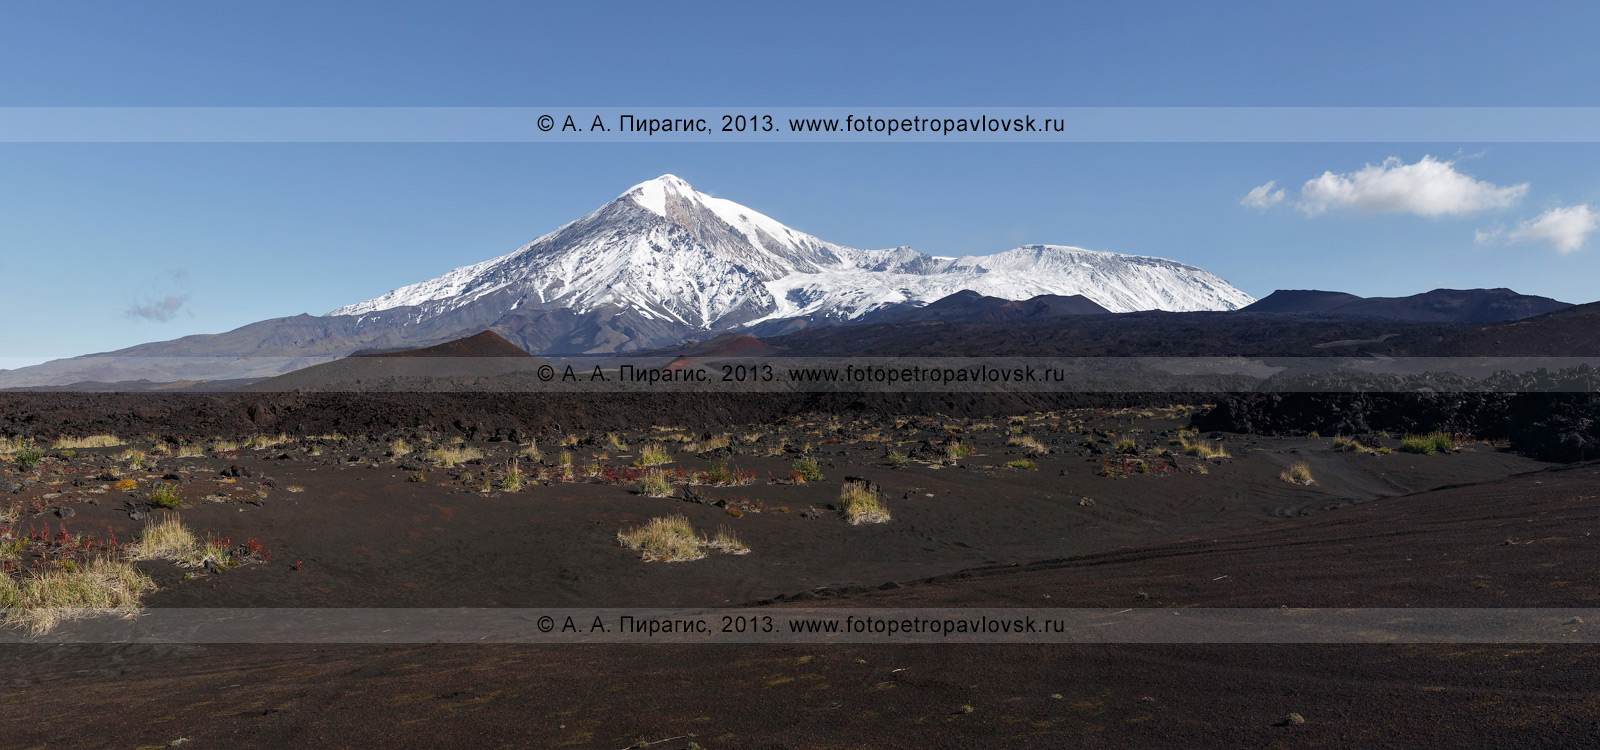 Фотография: Толбачинский вулканический массив — вулкан Острый Толбачик и Плоский Толбачик. Камчатка, Ключевская группа вулканов